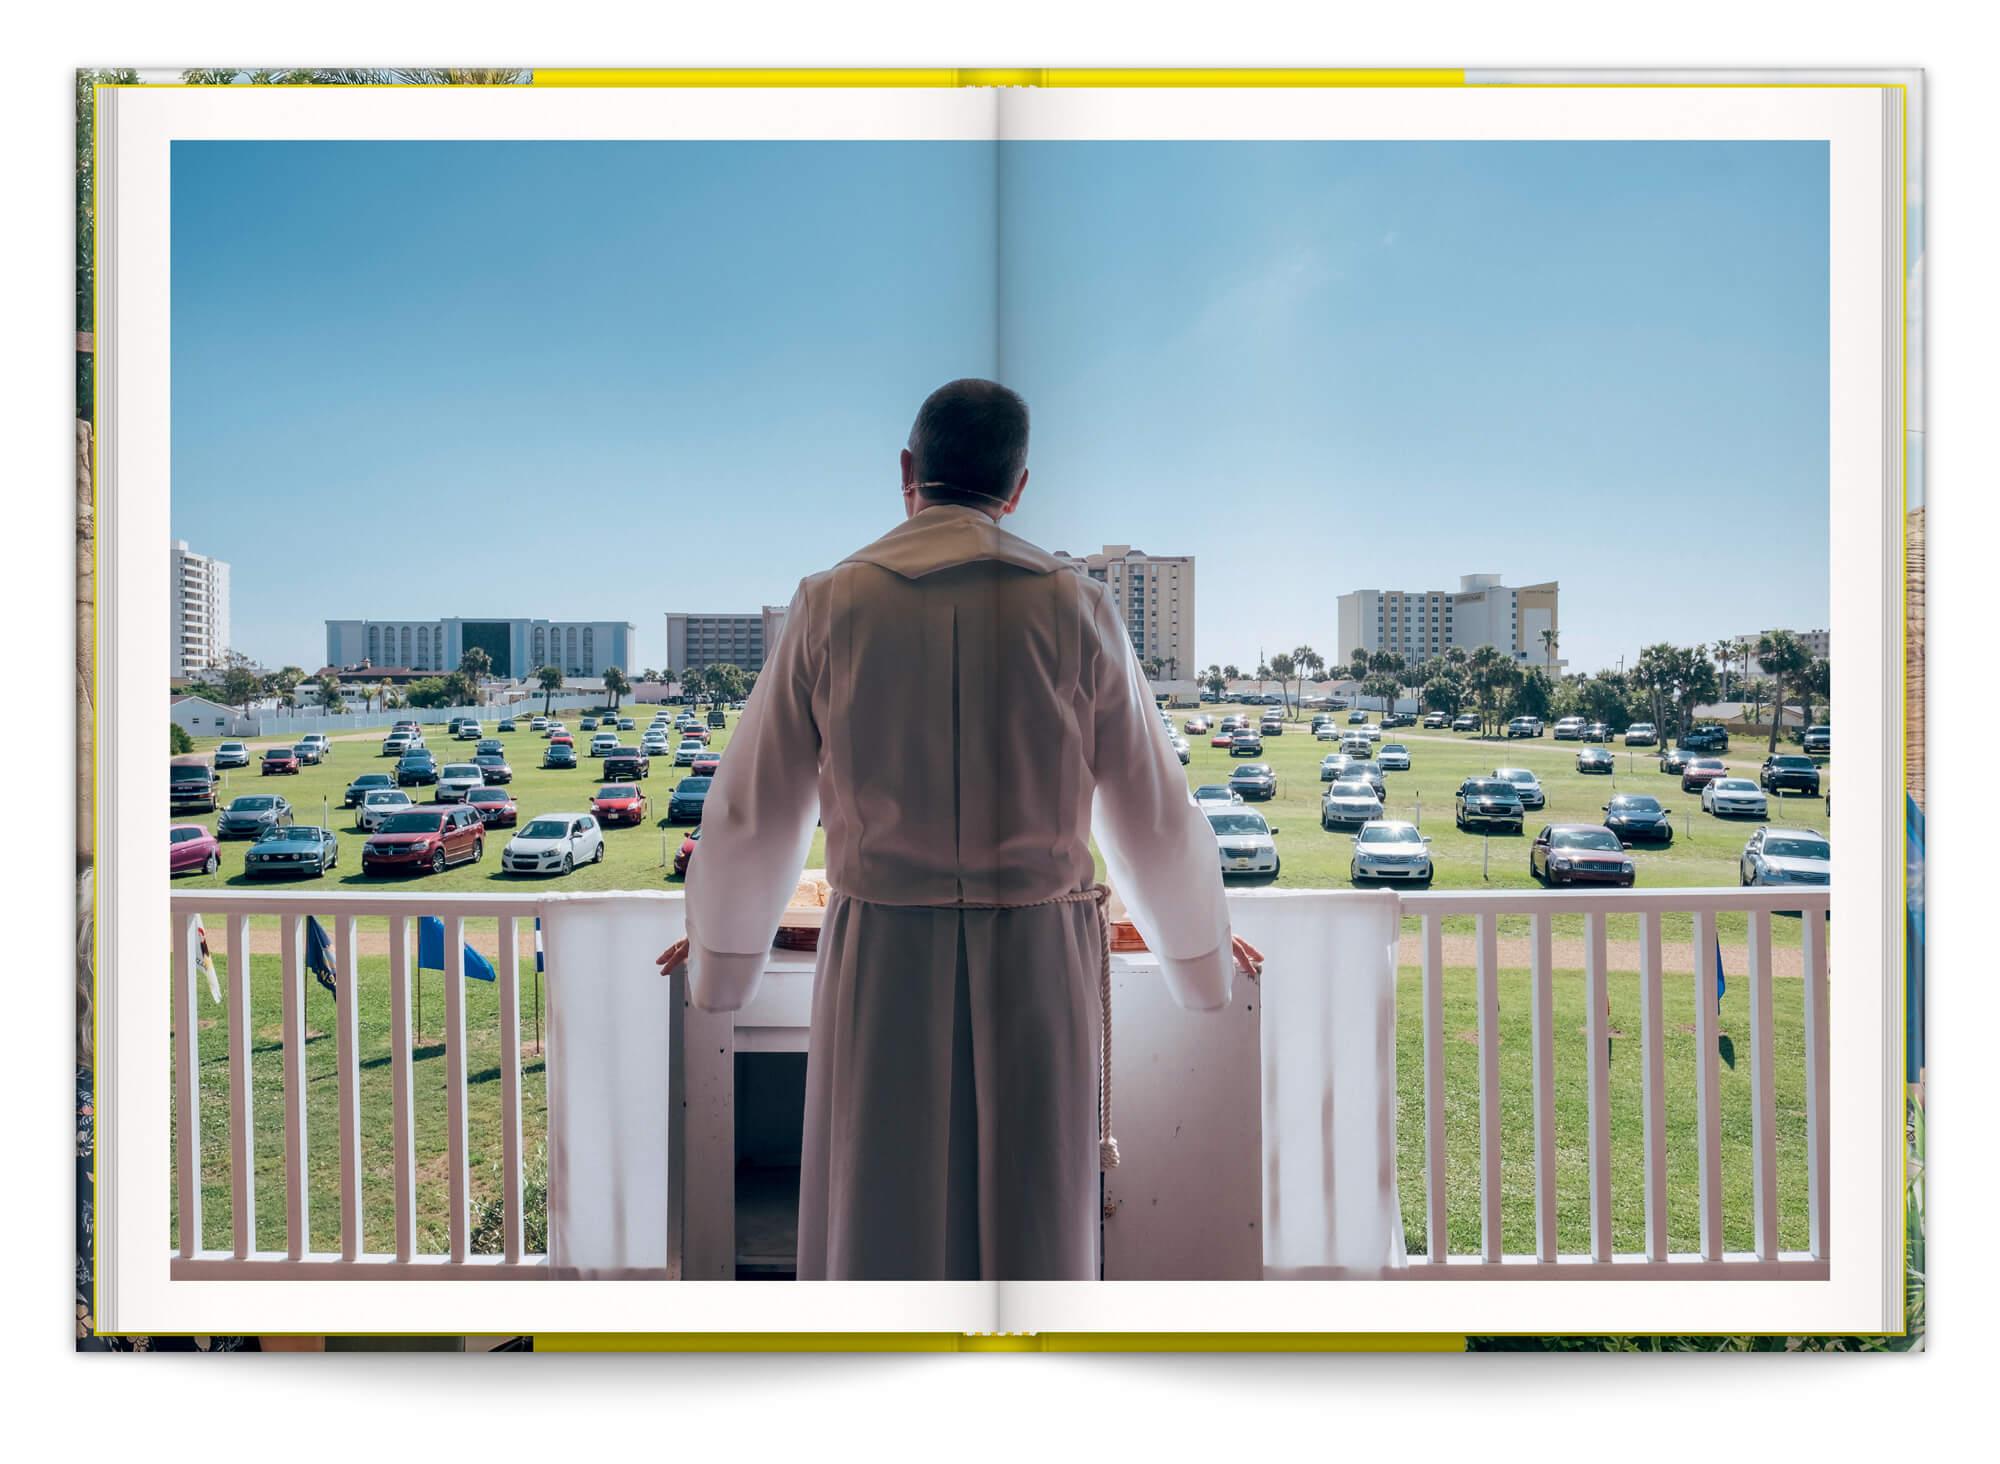 Photo de Cyril Abad en pleine cérémonie religieuse pour la serie Drive In, dans le livre In God We Trust, design IchetKar